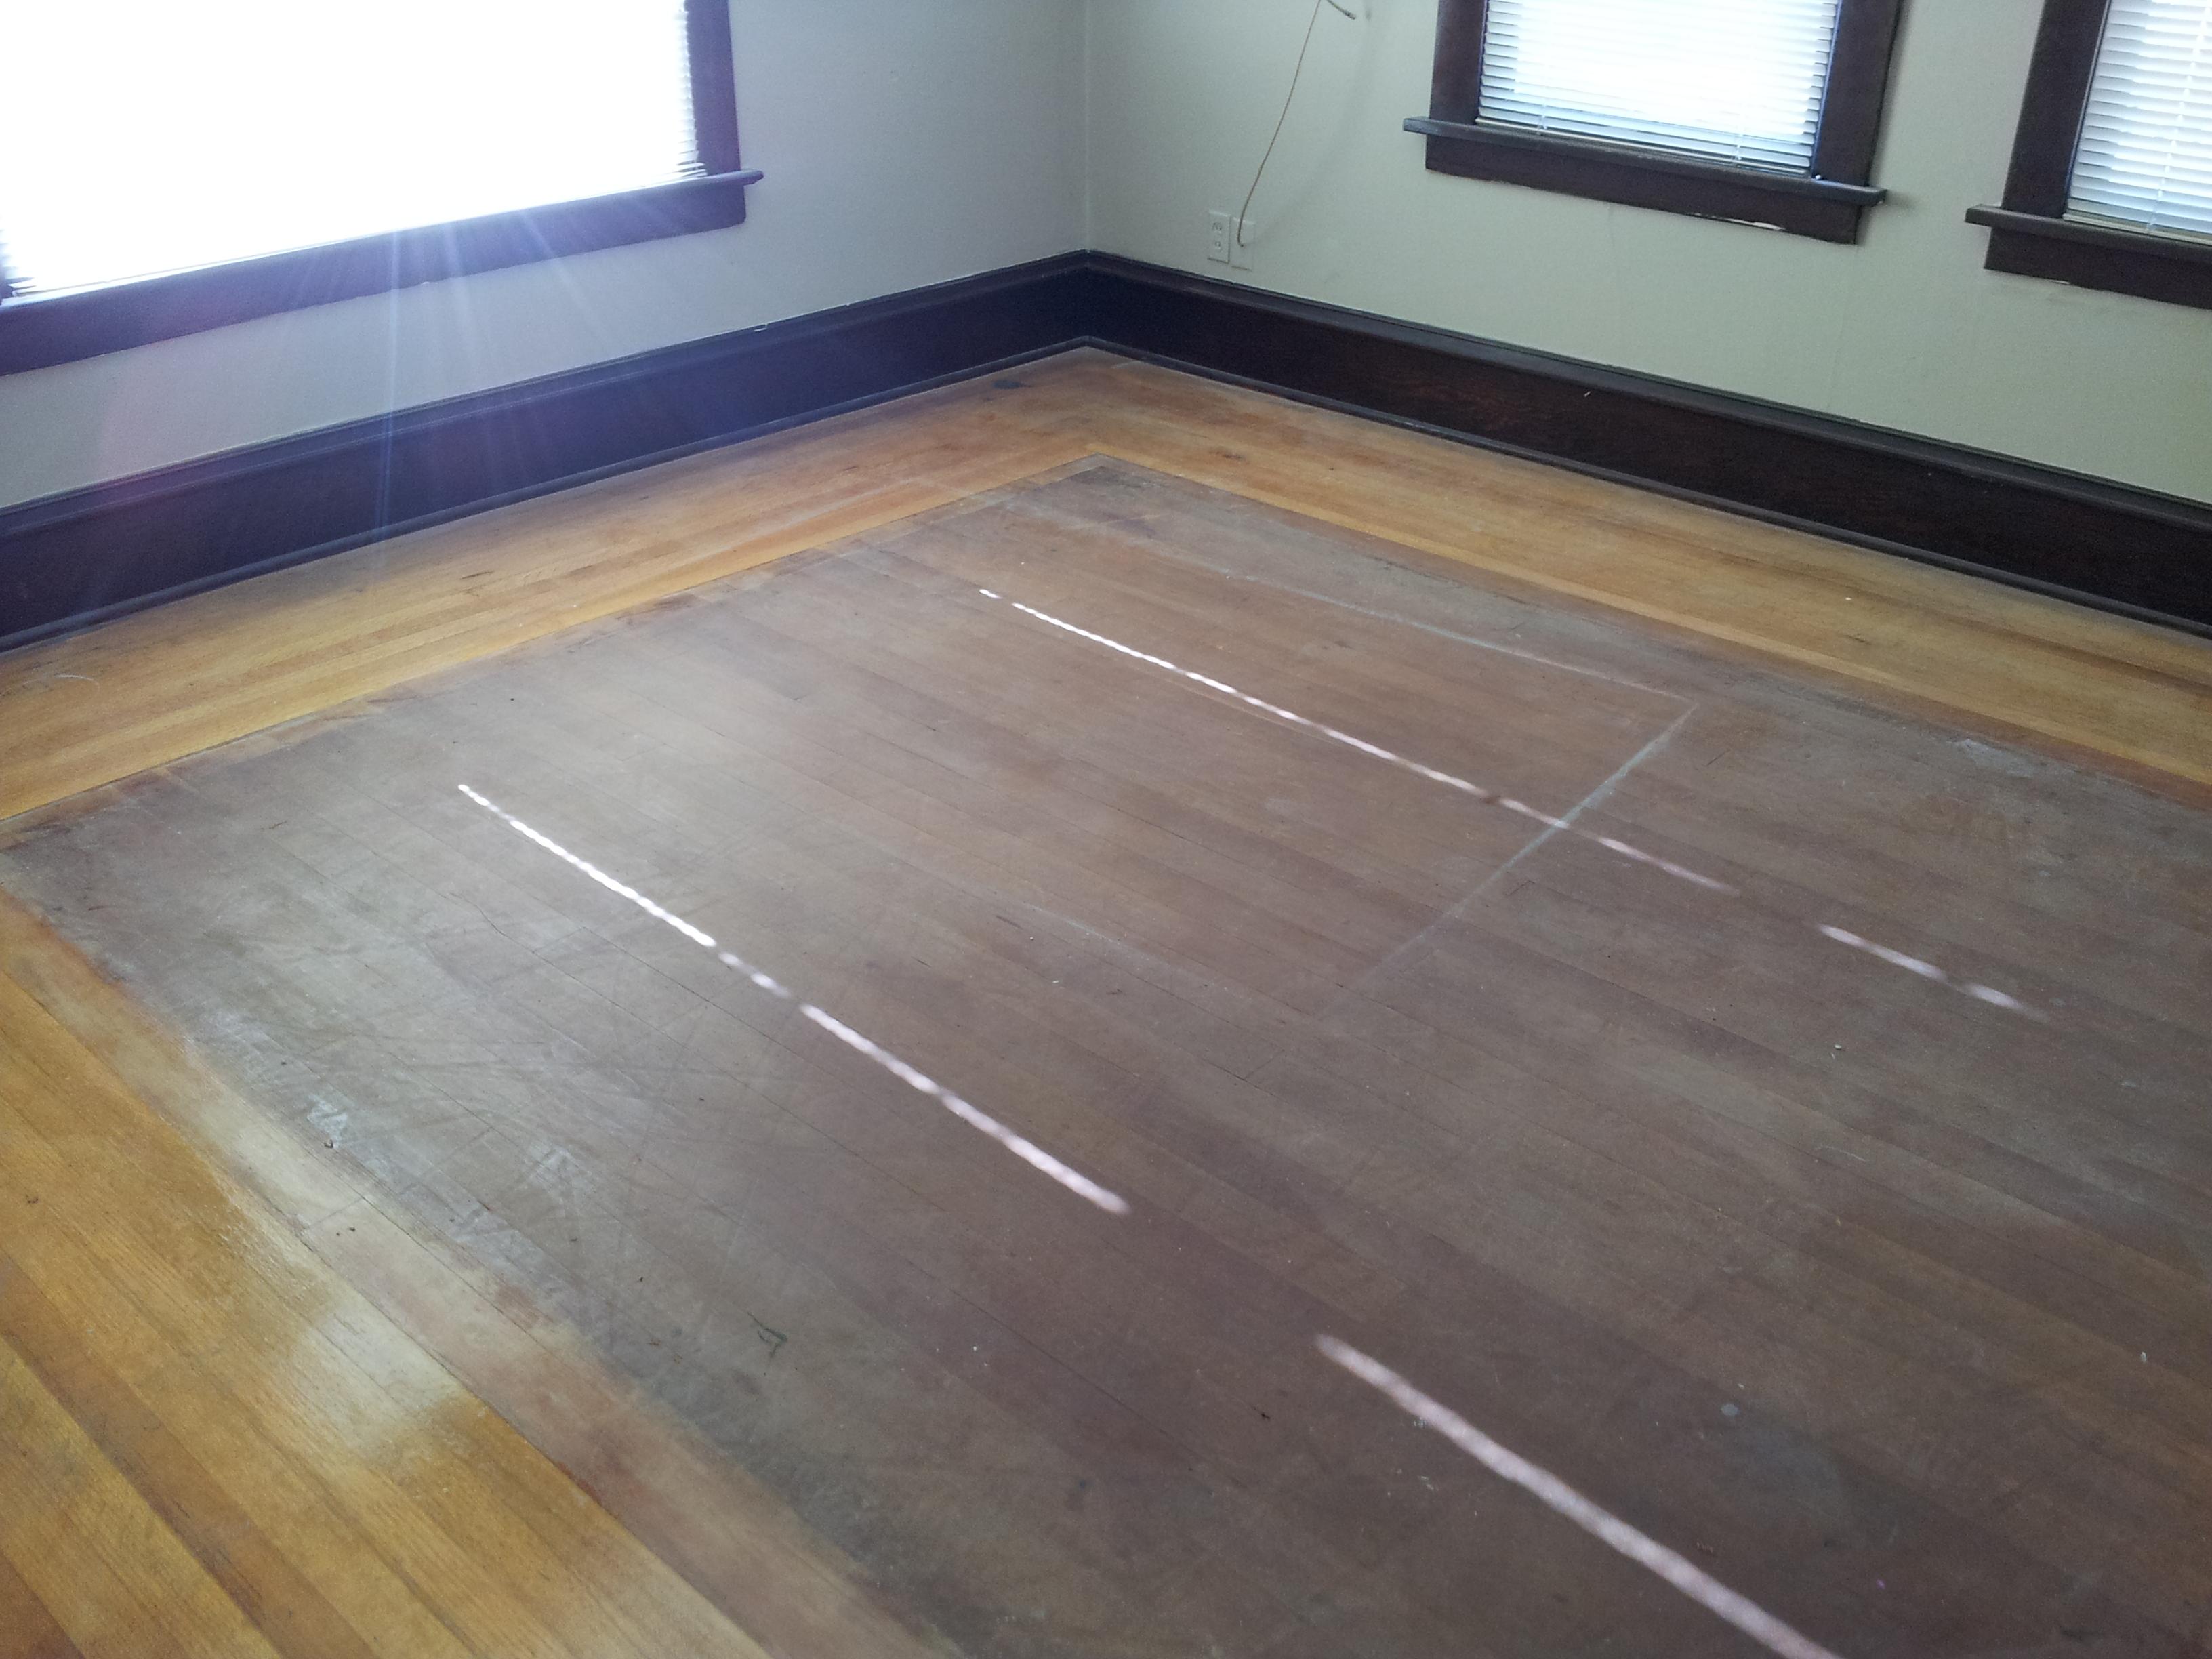 Hardwood floors ravenna seattle hardwood floor for Hardwood floors seattle